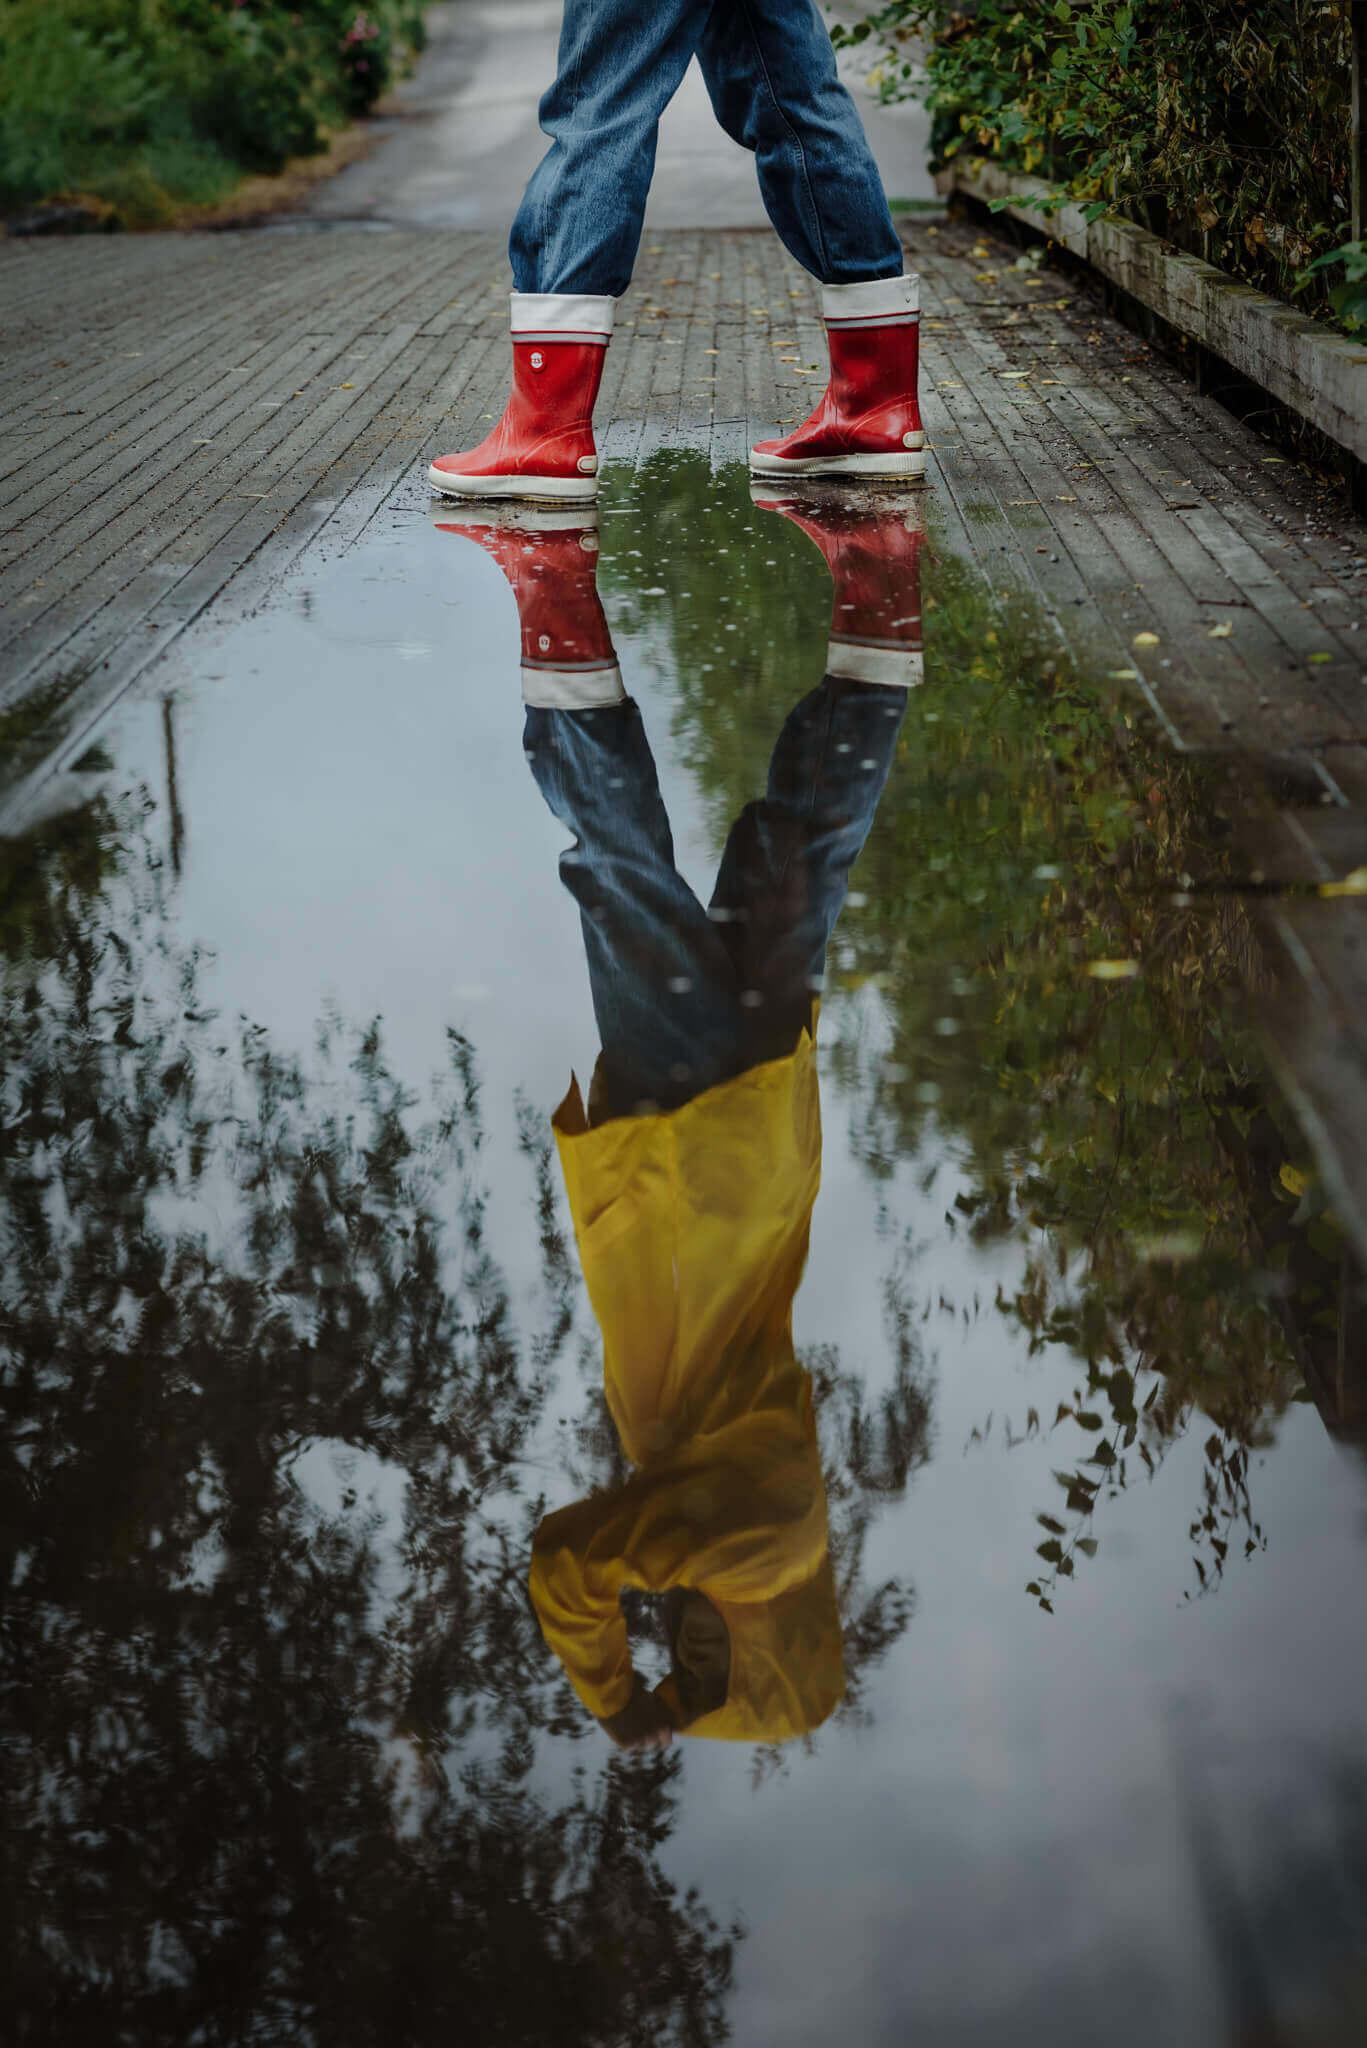 violan heijastus vesilätäkössä